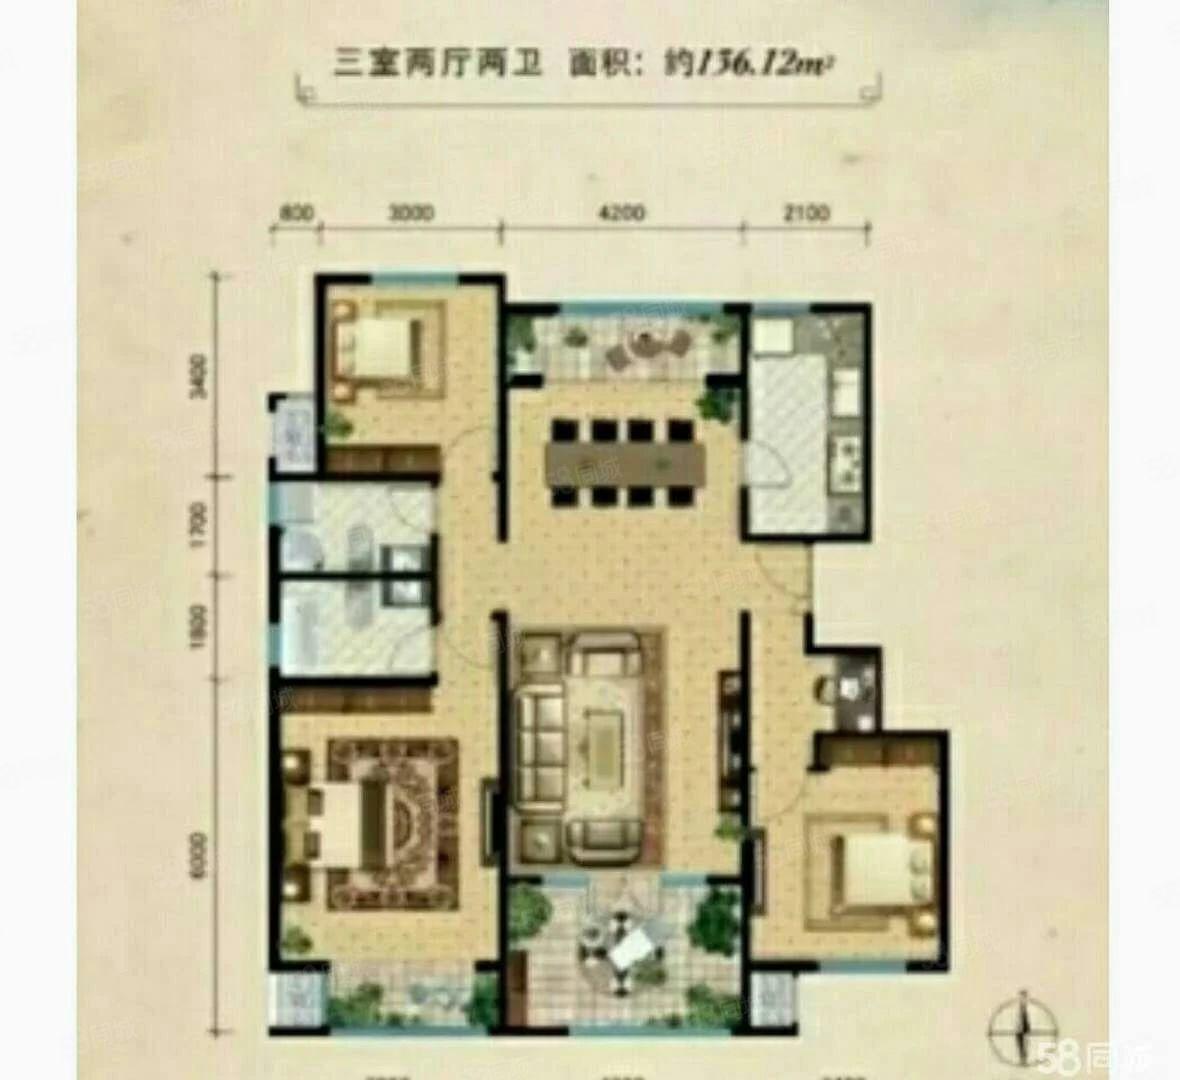 出售首开兰溪谷3室2厅2卫高档小区1楼前后带花园